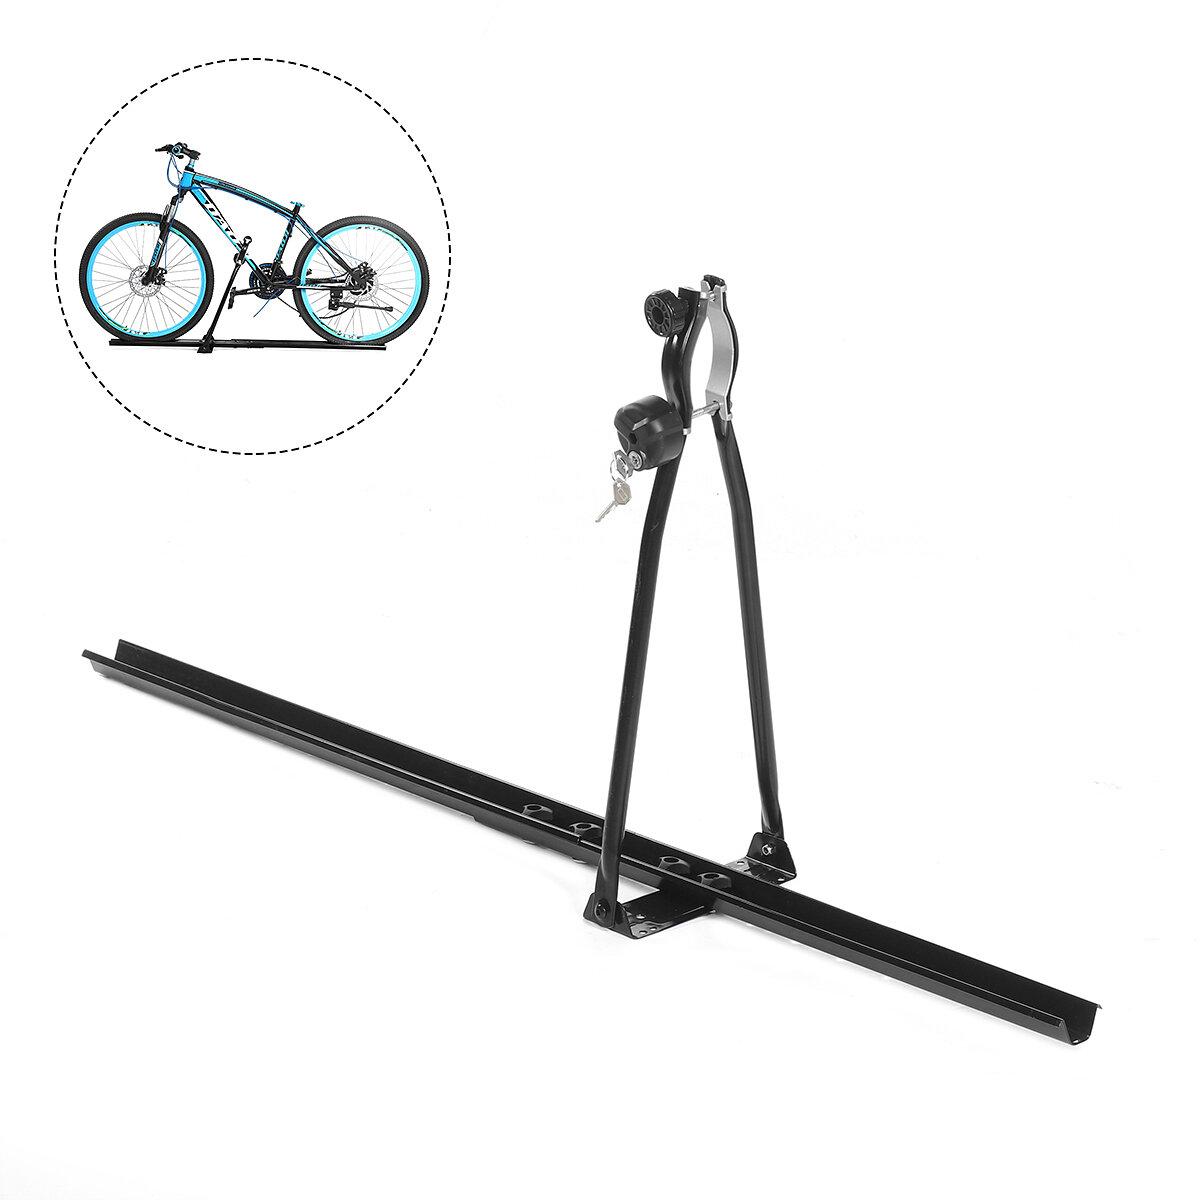 Soporte para bicicletas de acero Soporte para estacionamiento de bicicletas Soporte para almacenamiento en el piso para